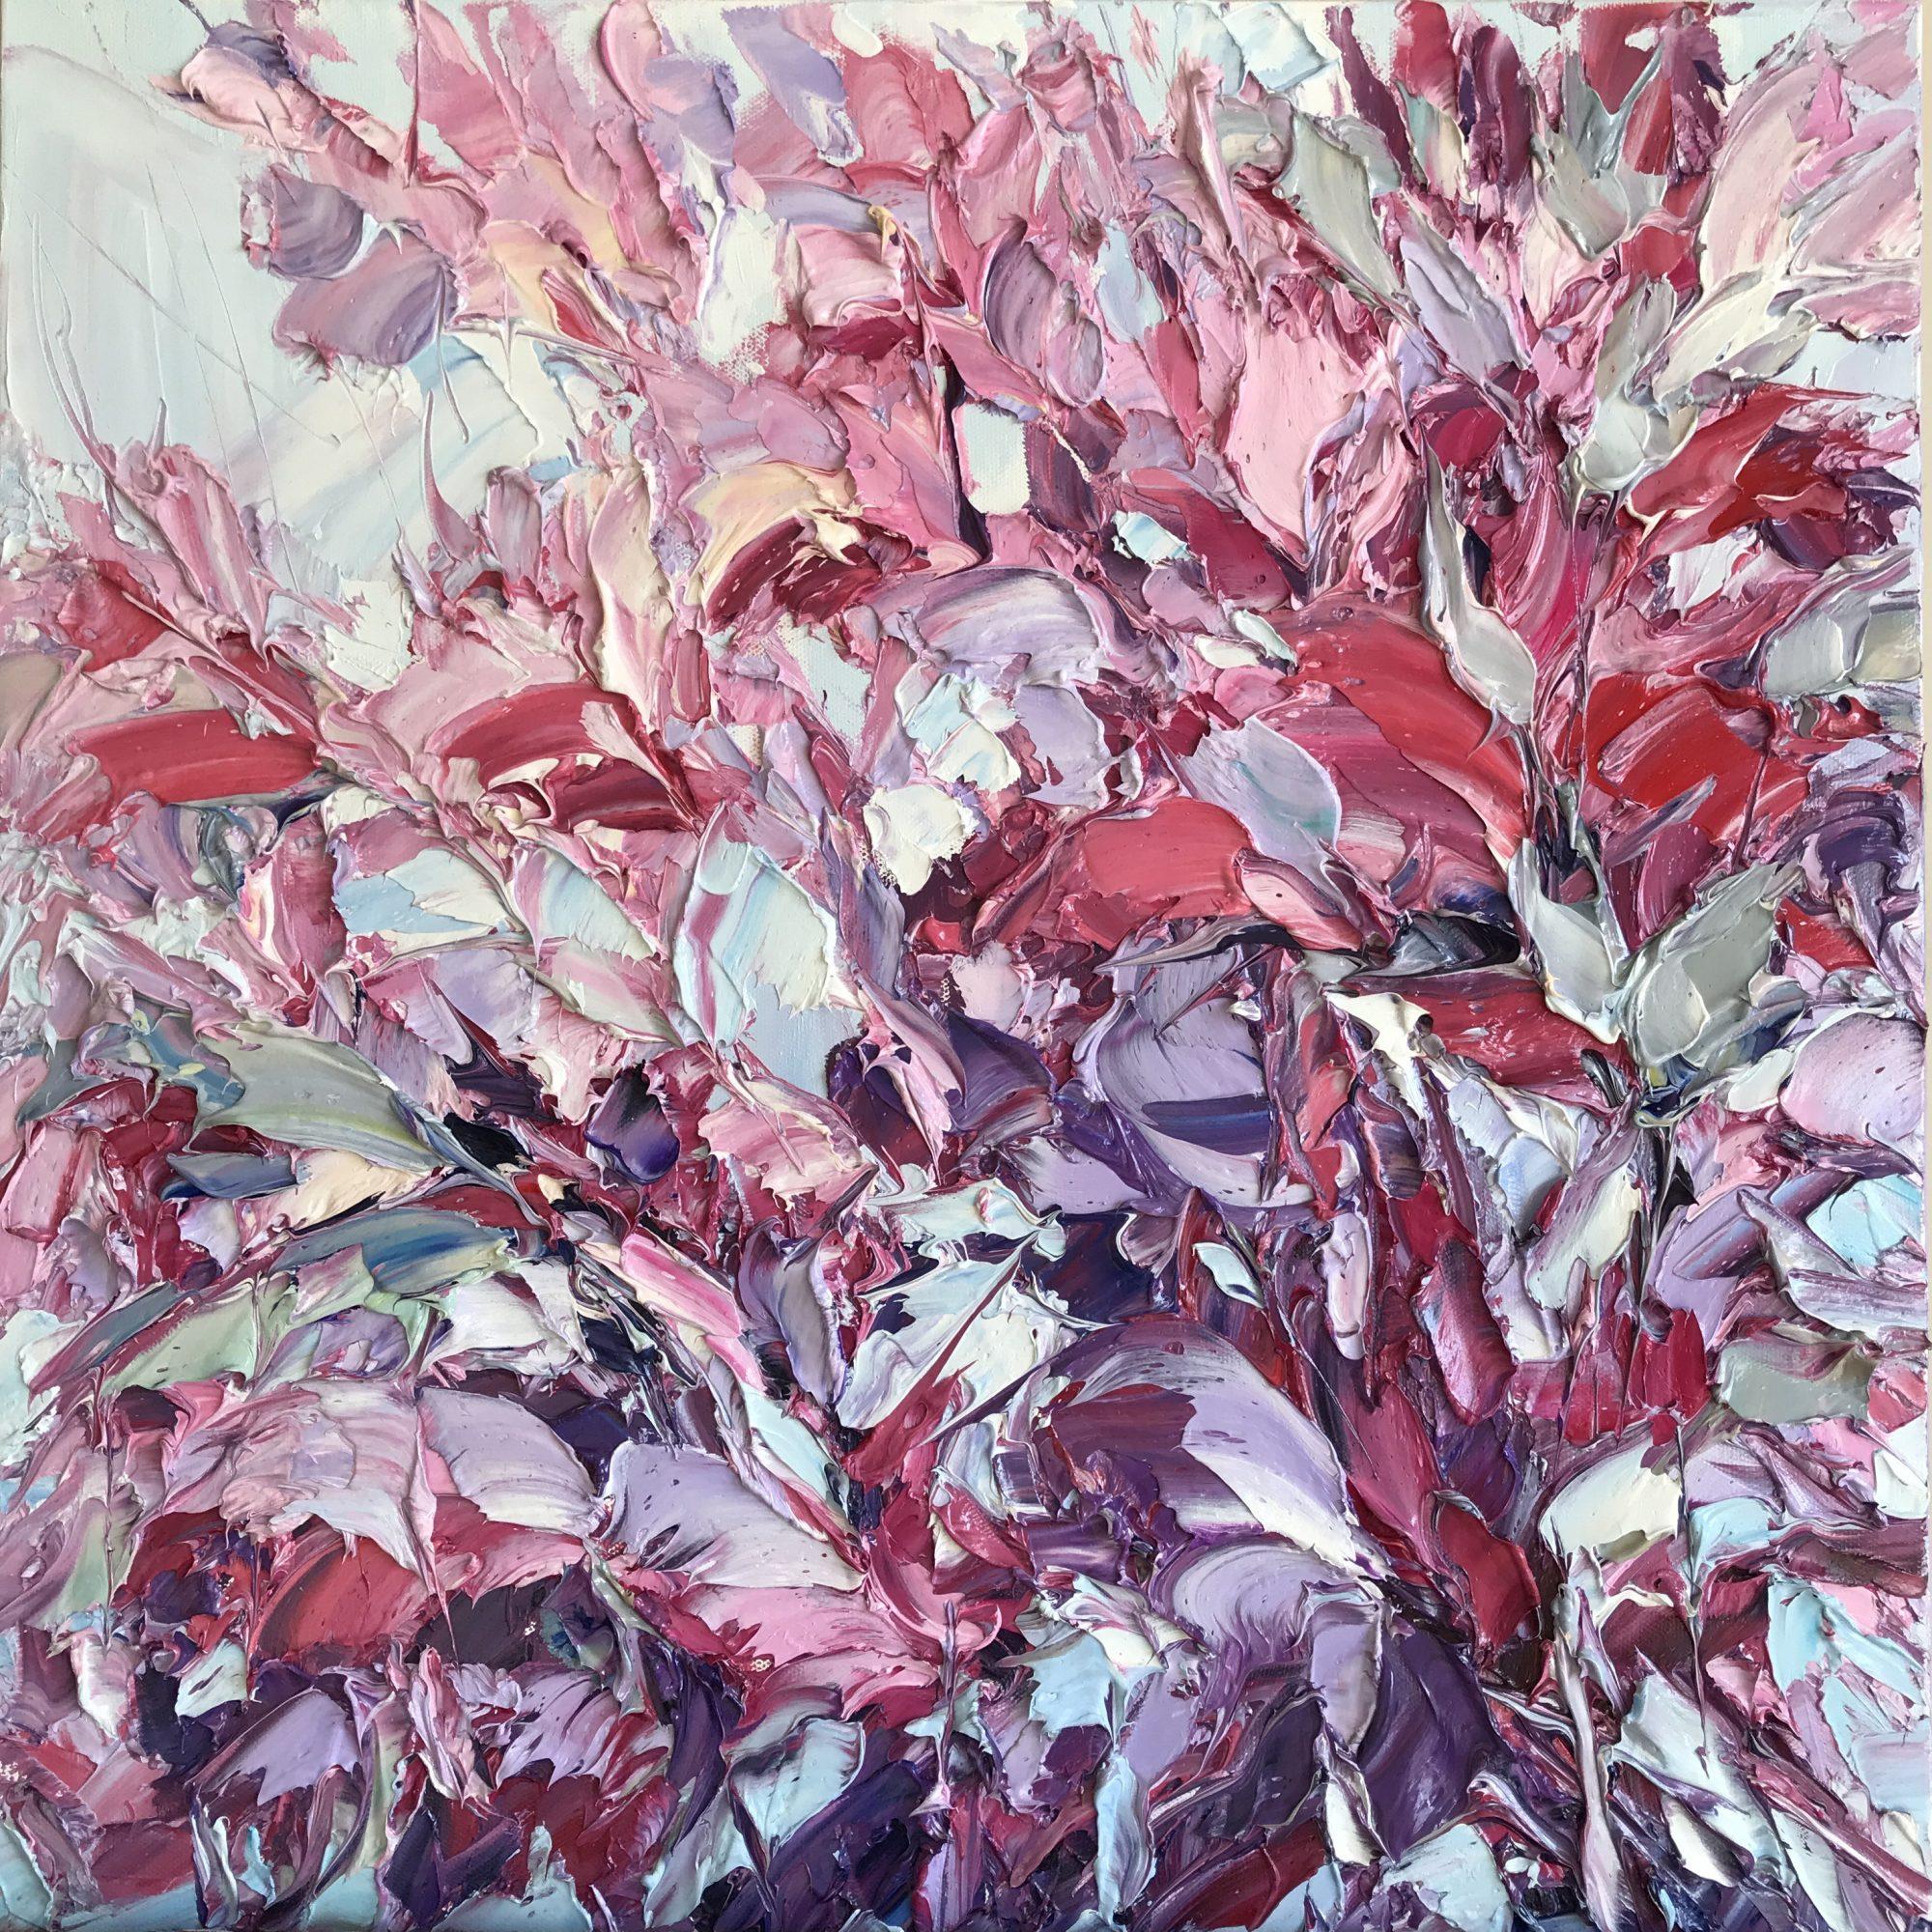 251 Magnolia 11, 51x51cm,